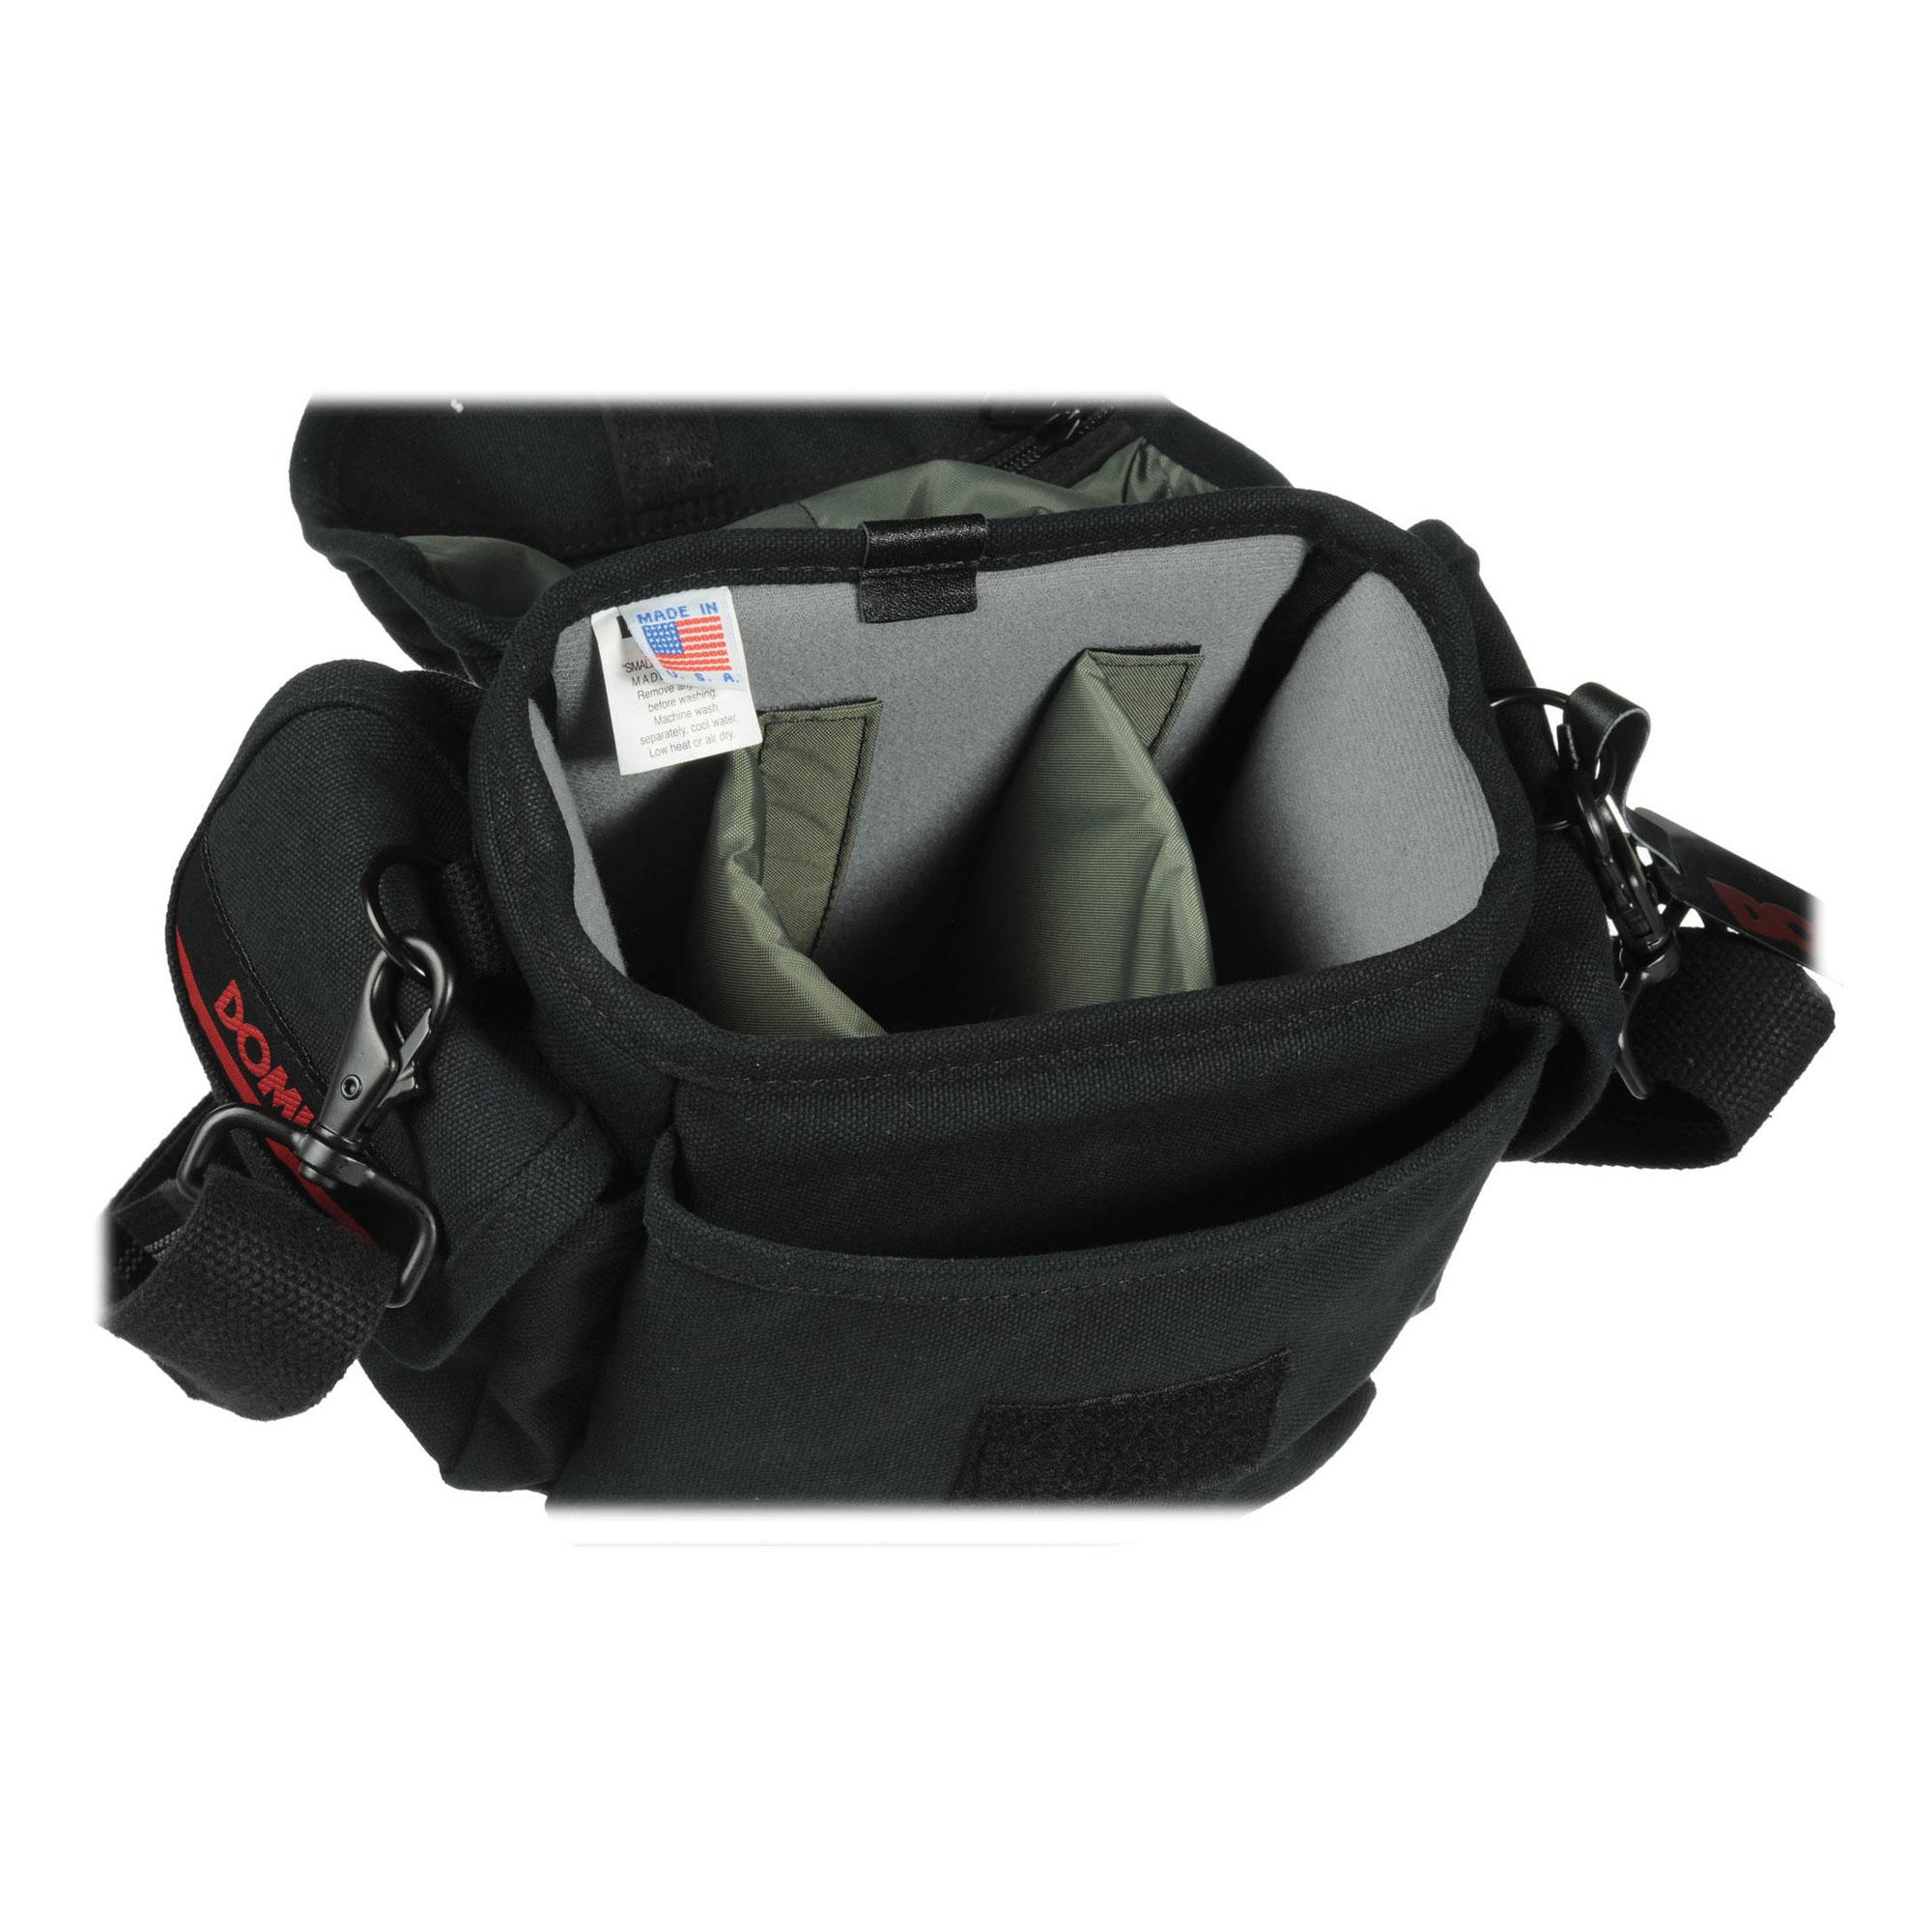 Image of Domke F-8 Shoulder Bag (Black) - Small